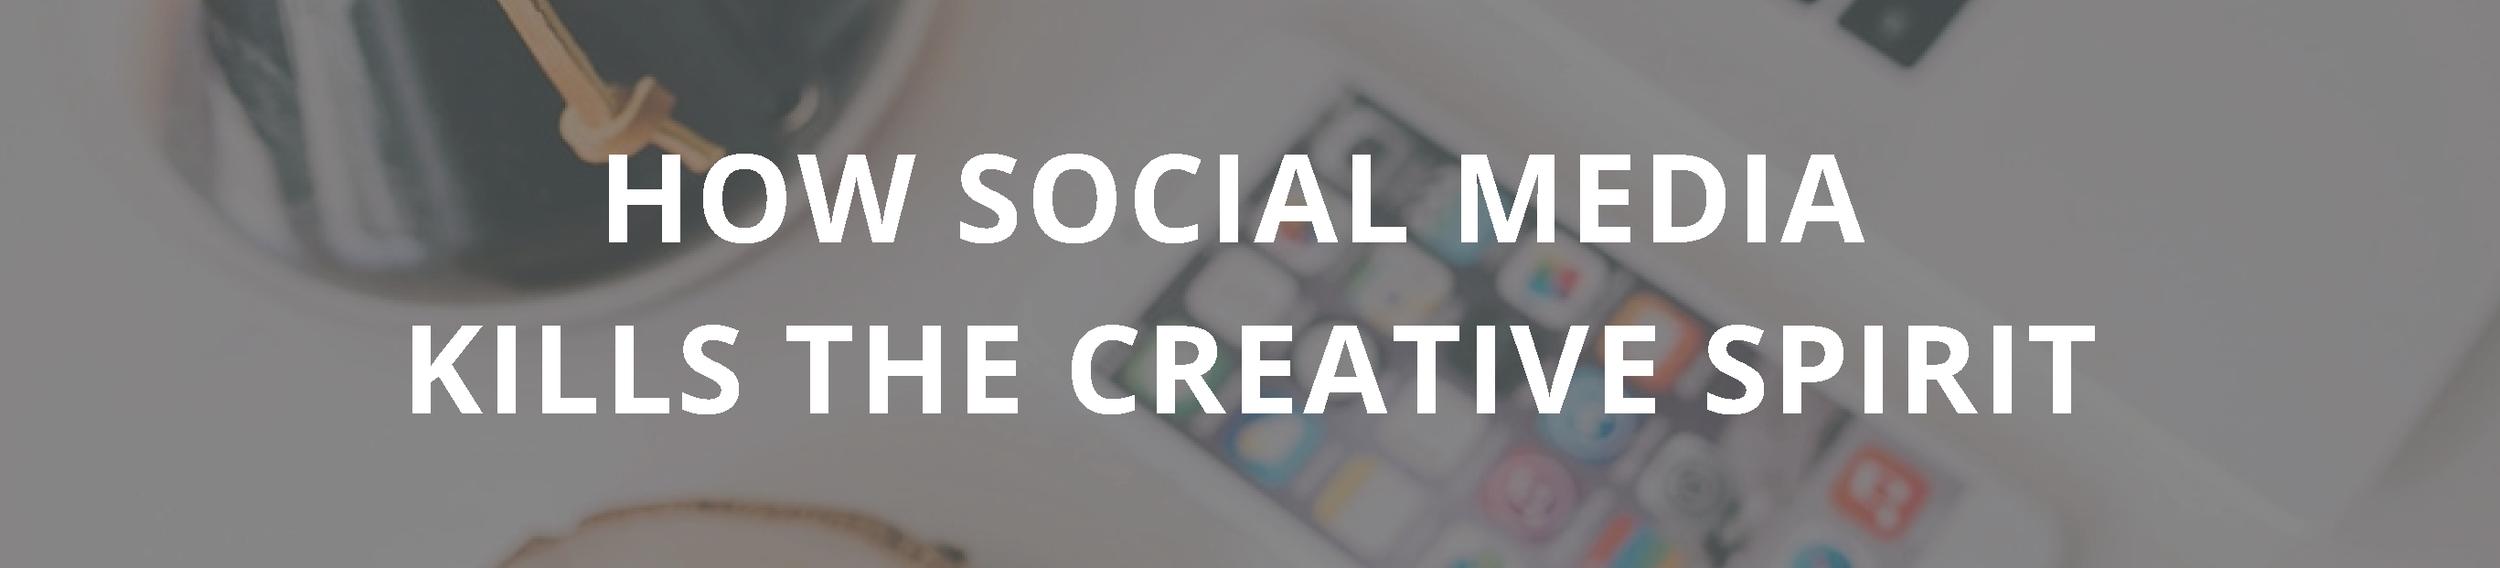 How Social Media... banner.jpg